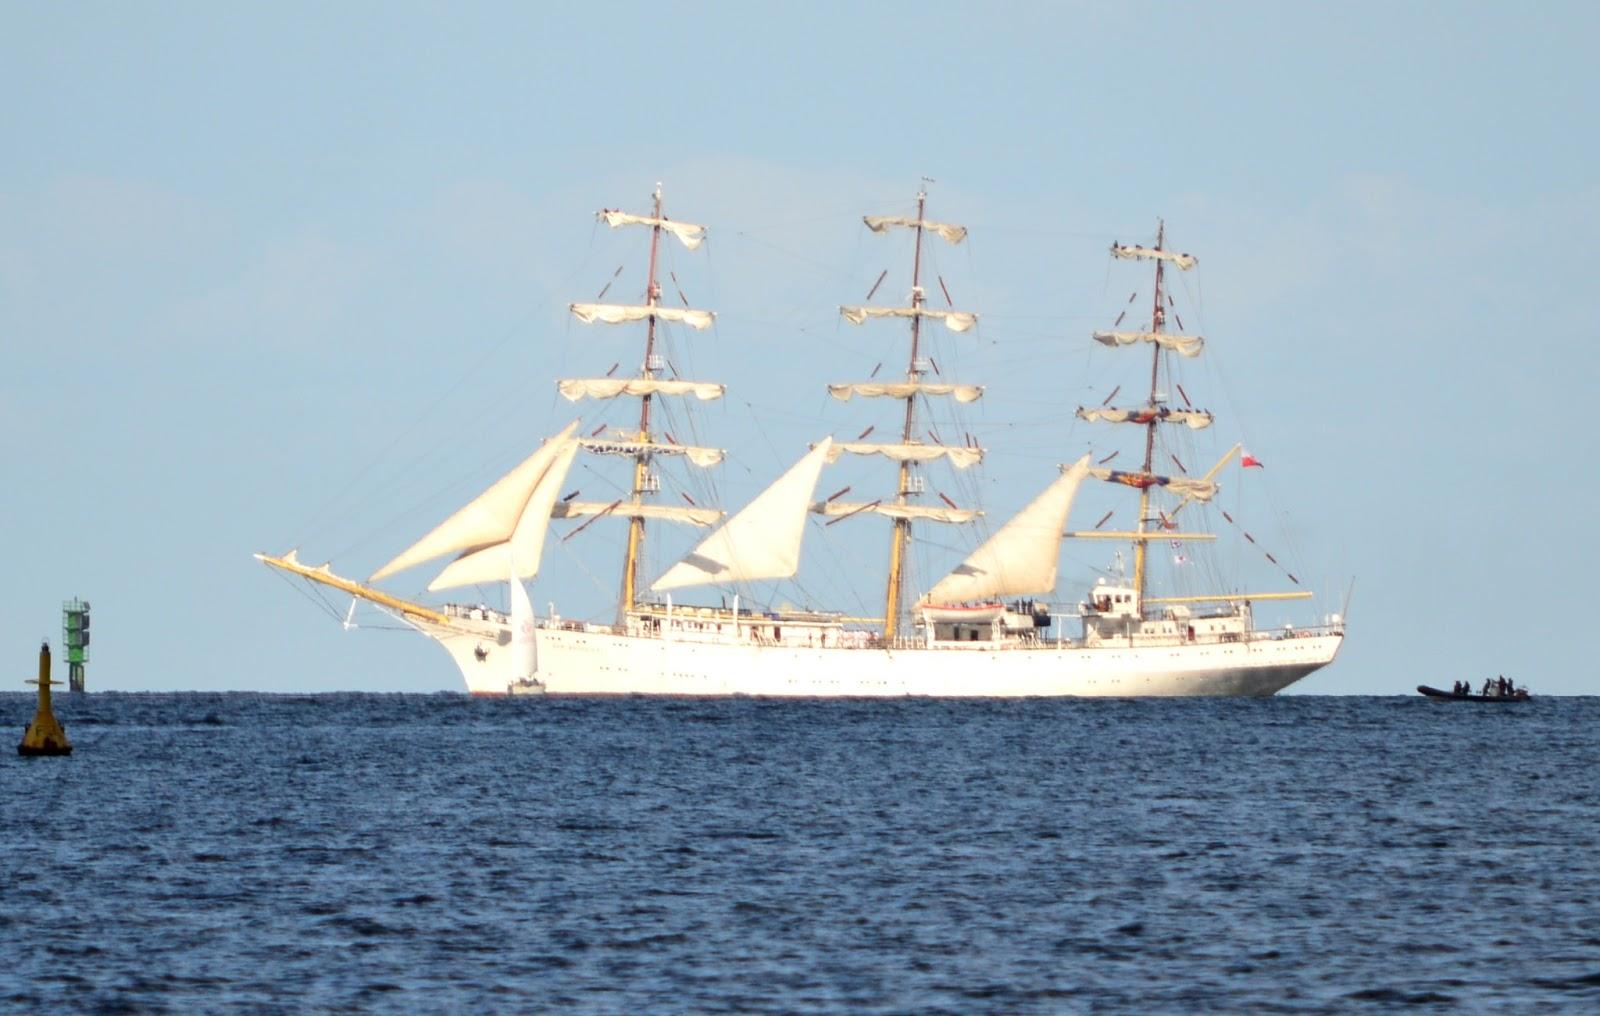 W Wa Jeziorki World 39 S Largest Ship Calls Into Gda Sk On